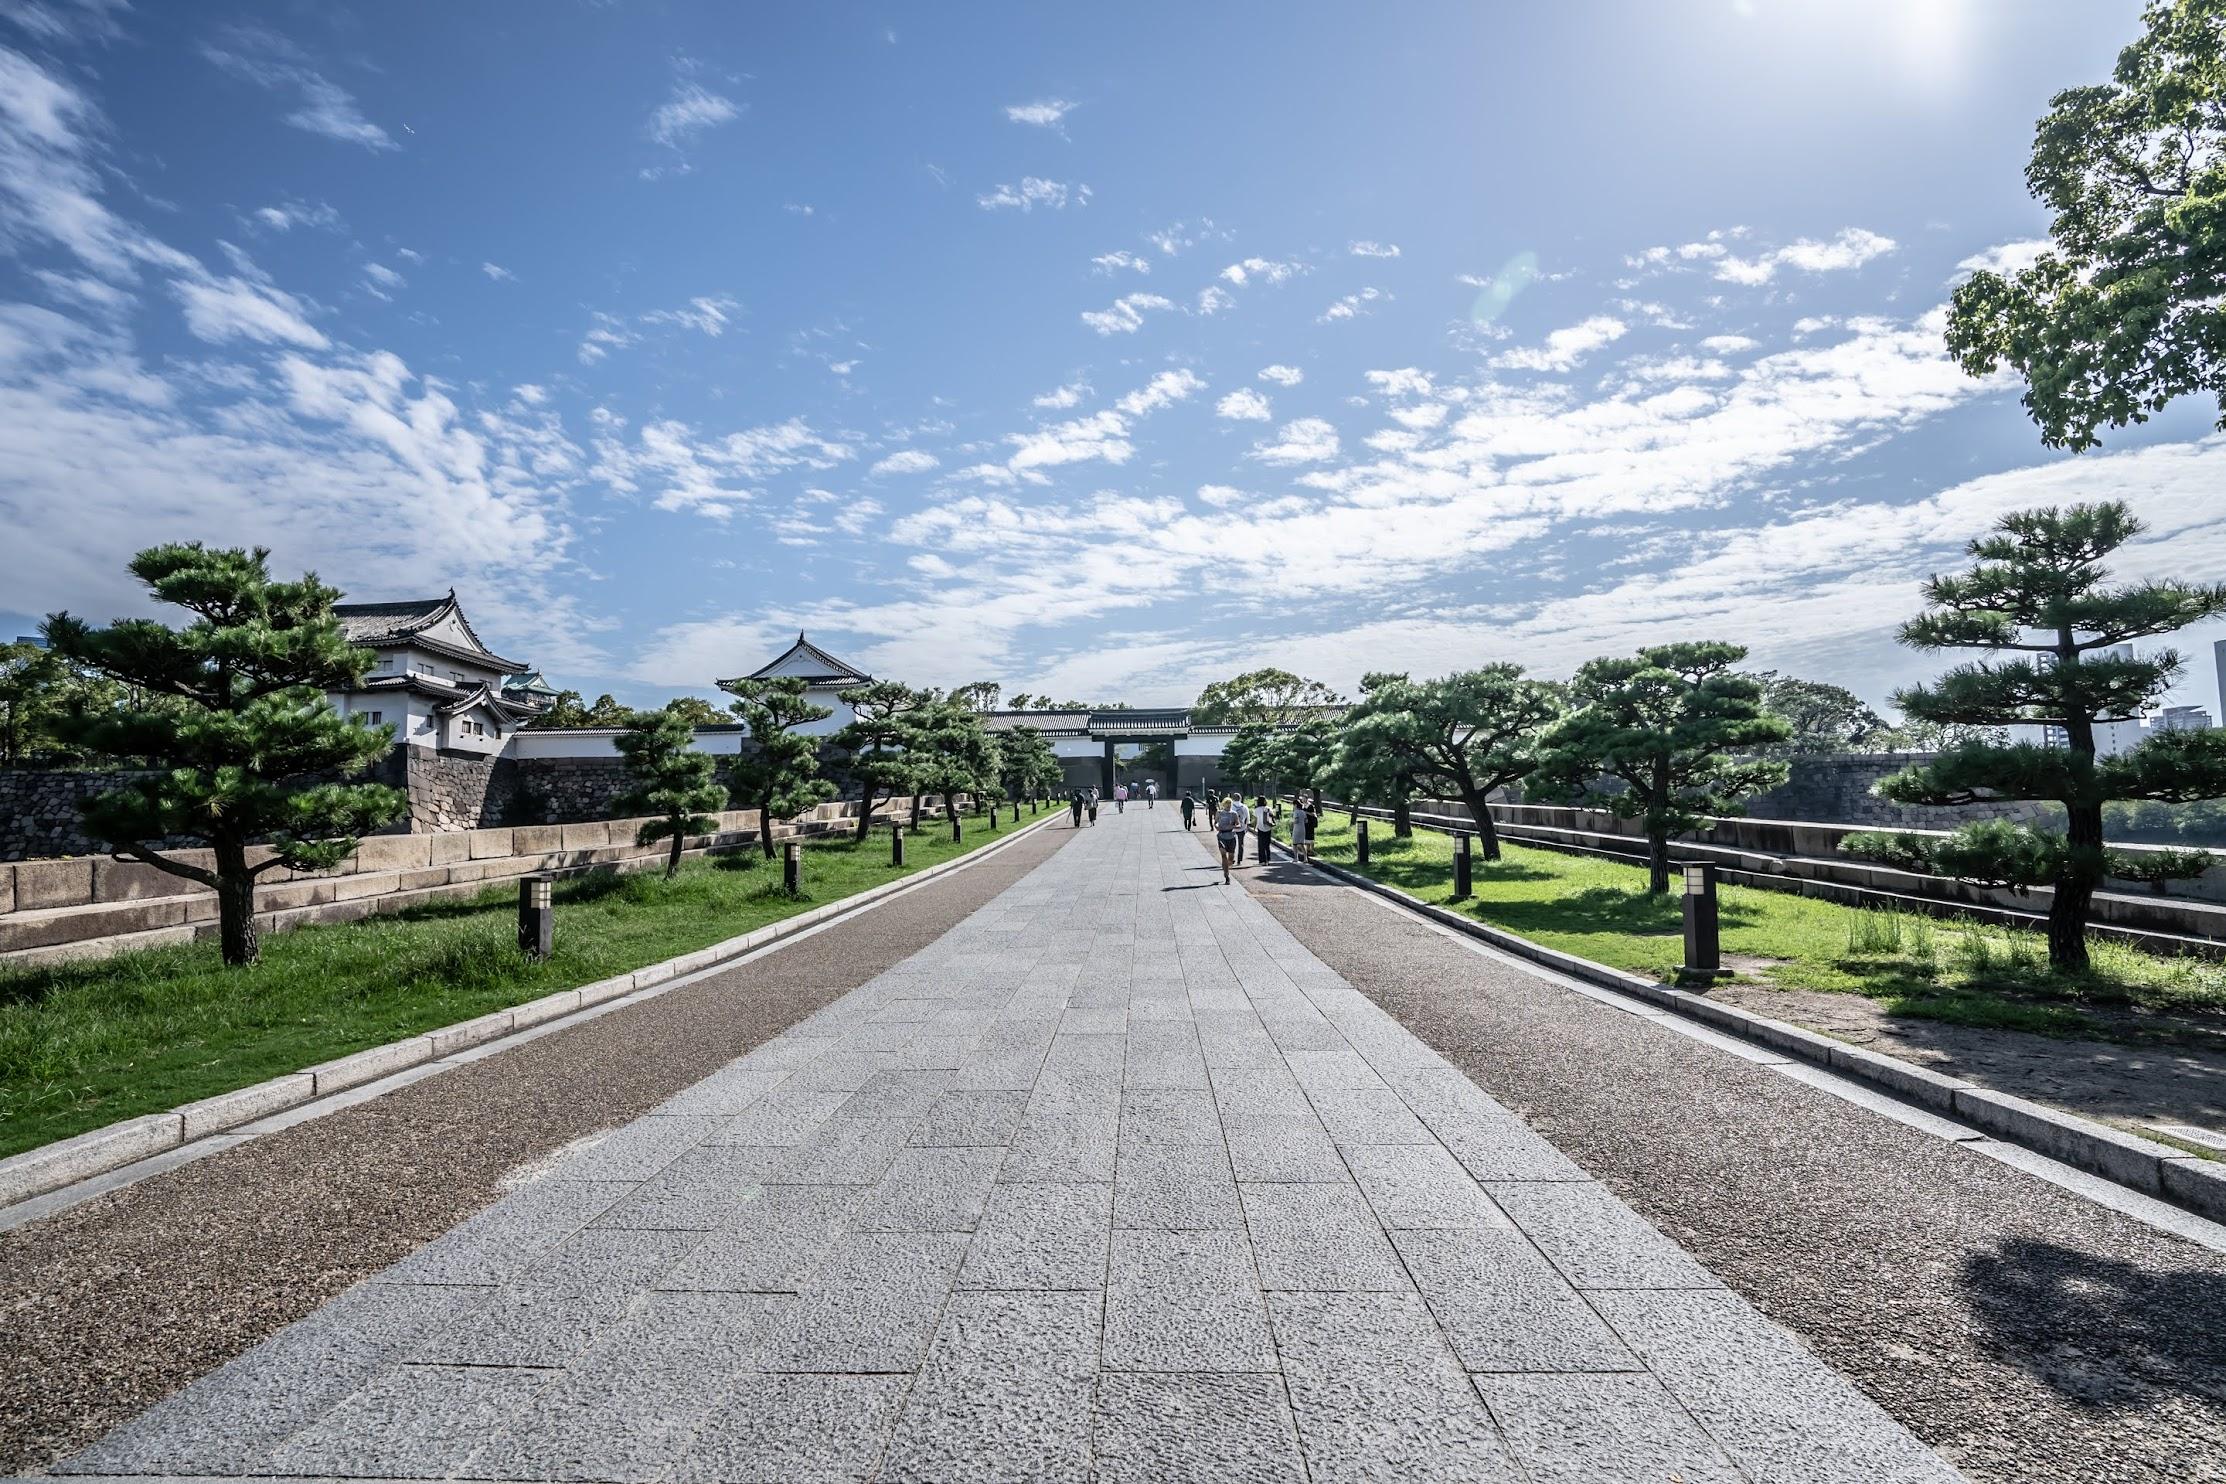 大阪城公園 大手前